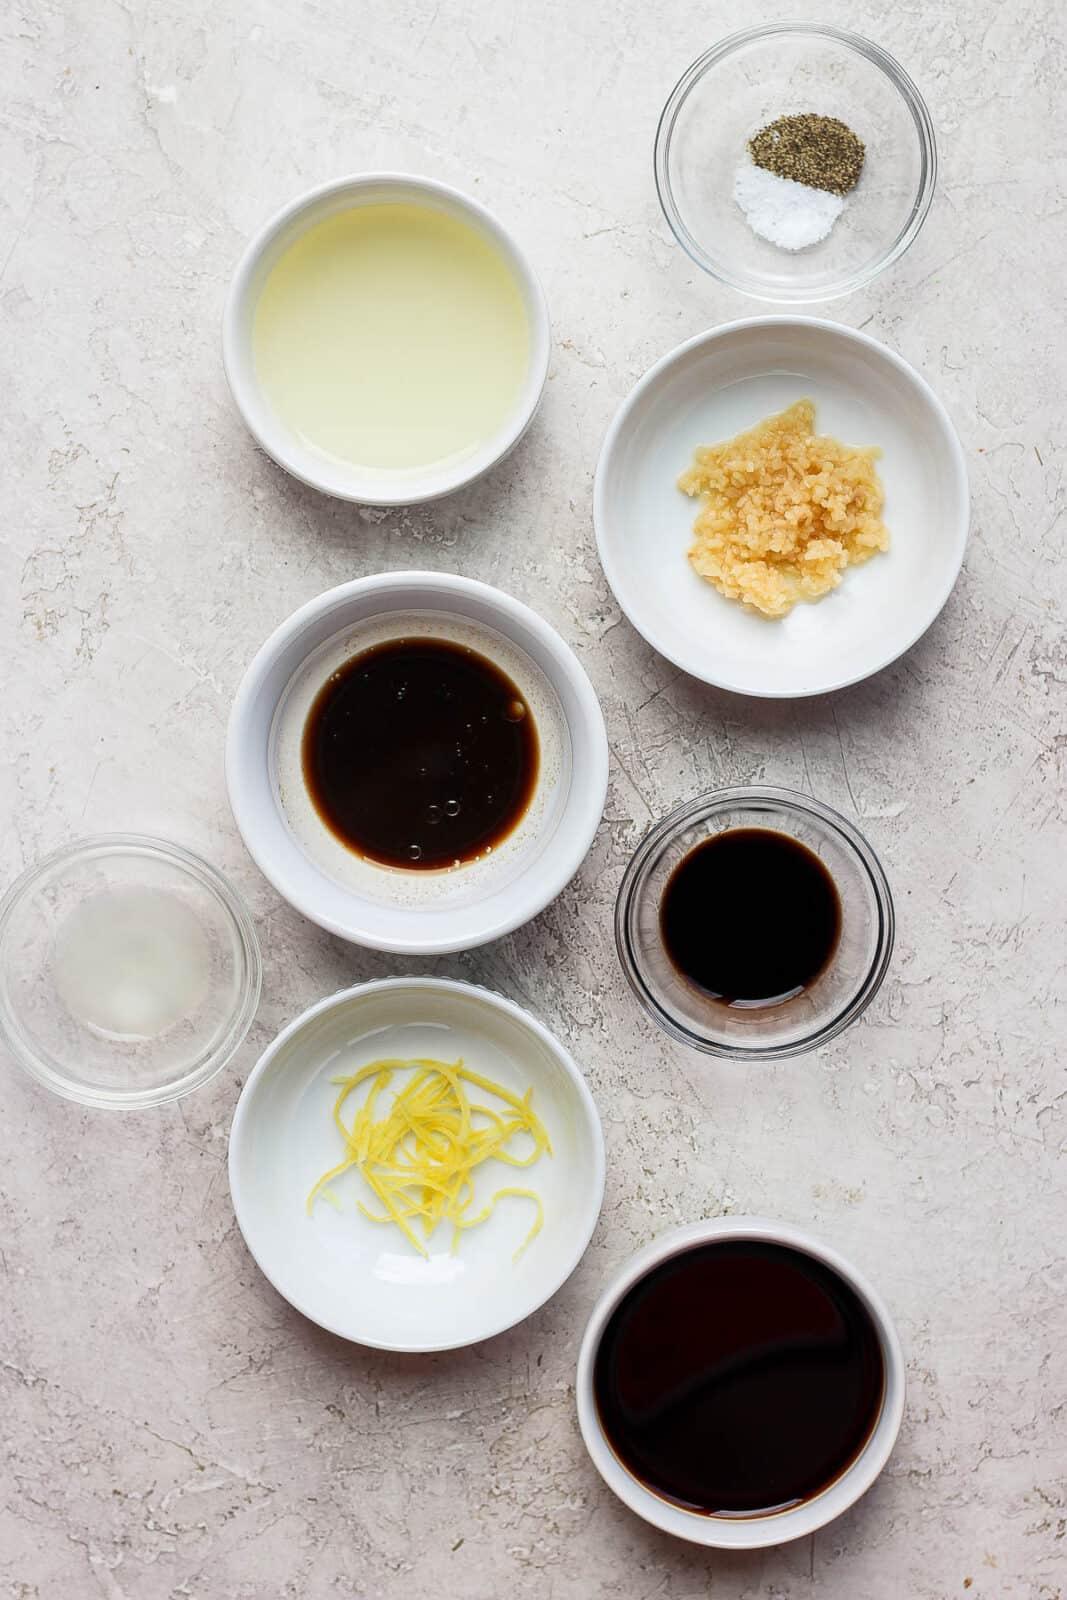 Chicken marinade ingredients in bowls.